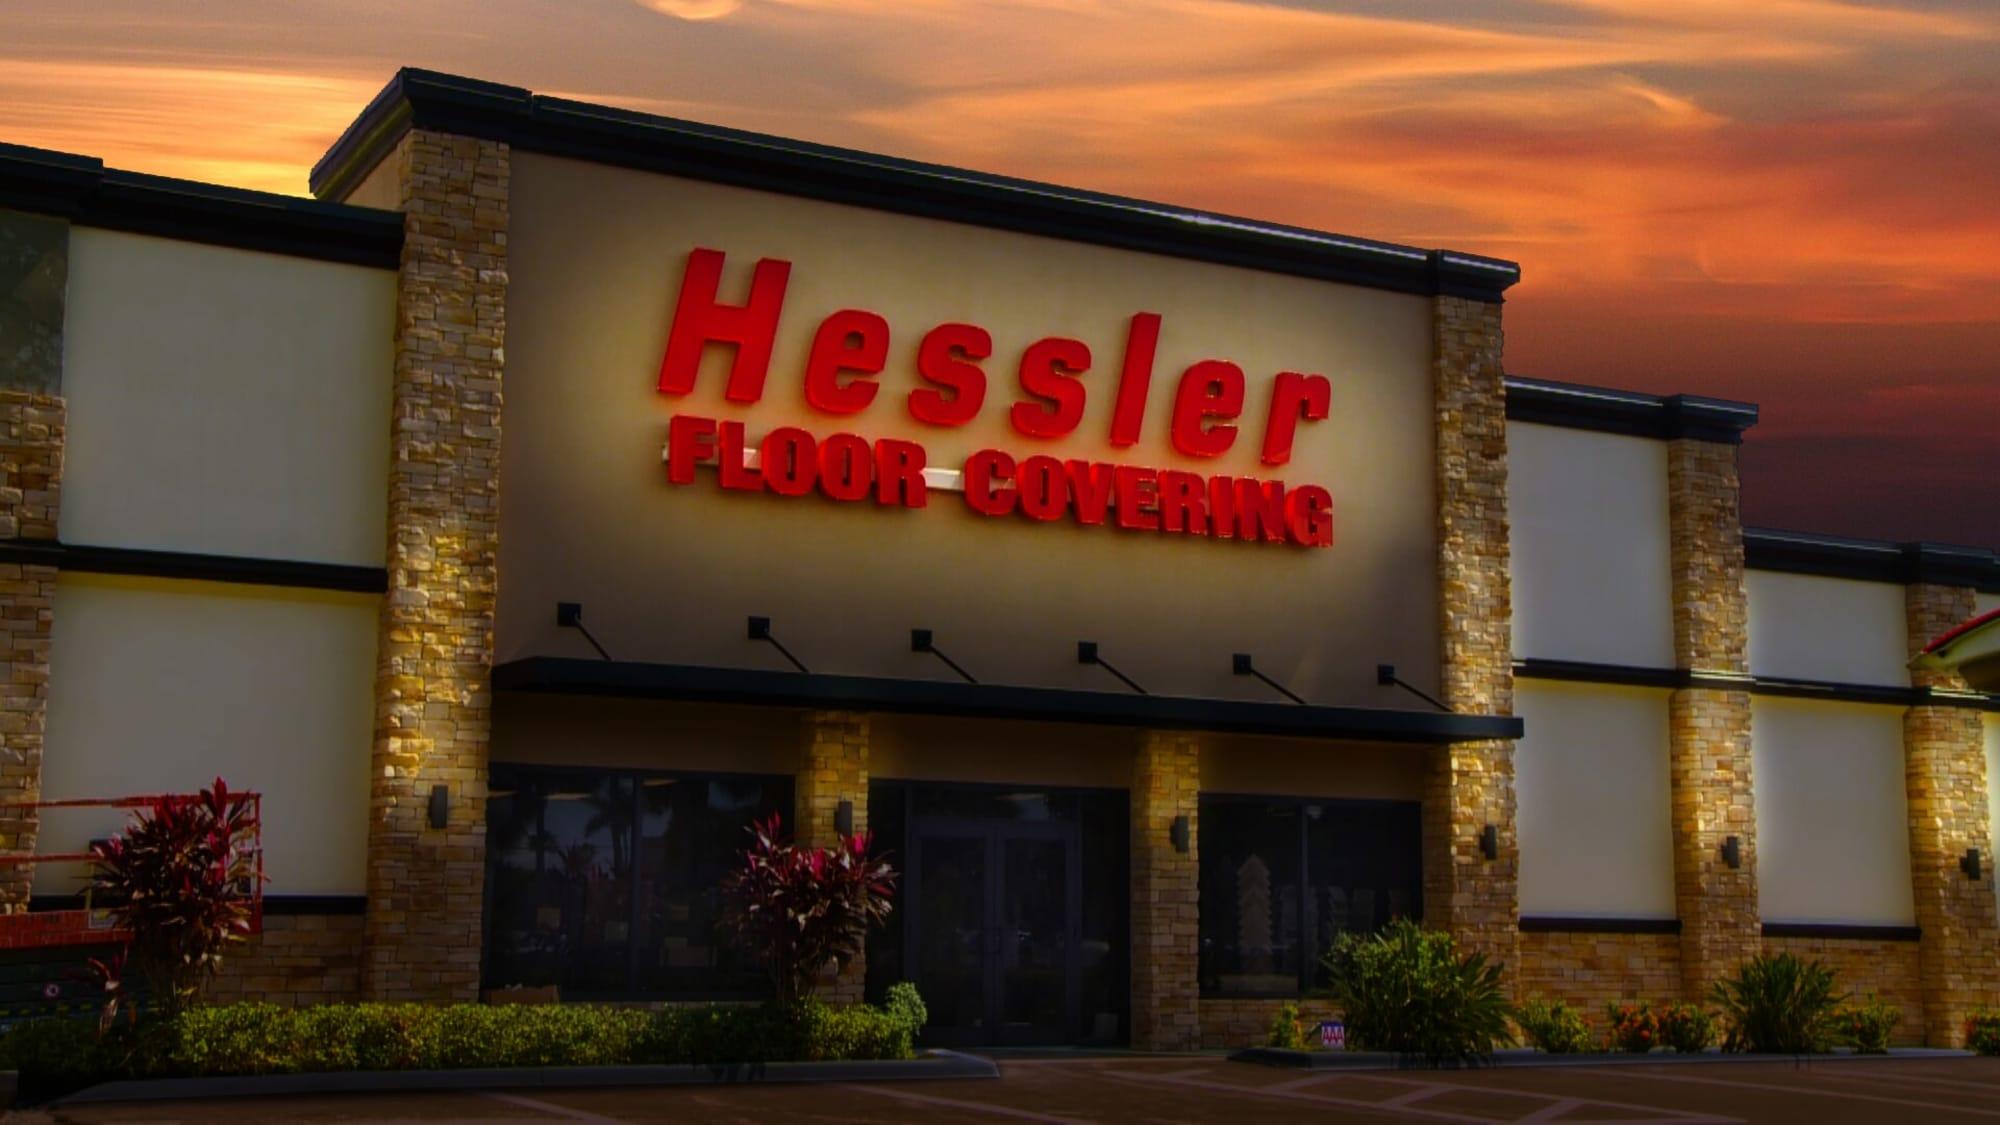 Hessler Floor Covering - 12551 S Cleveland Ave Fort Myers, FL 33907